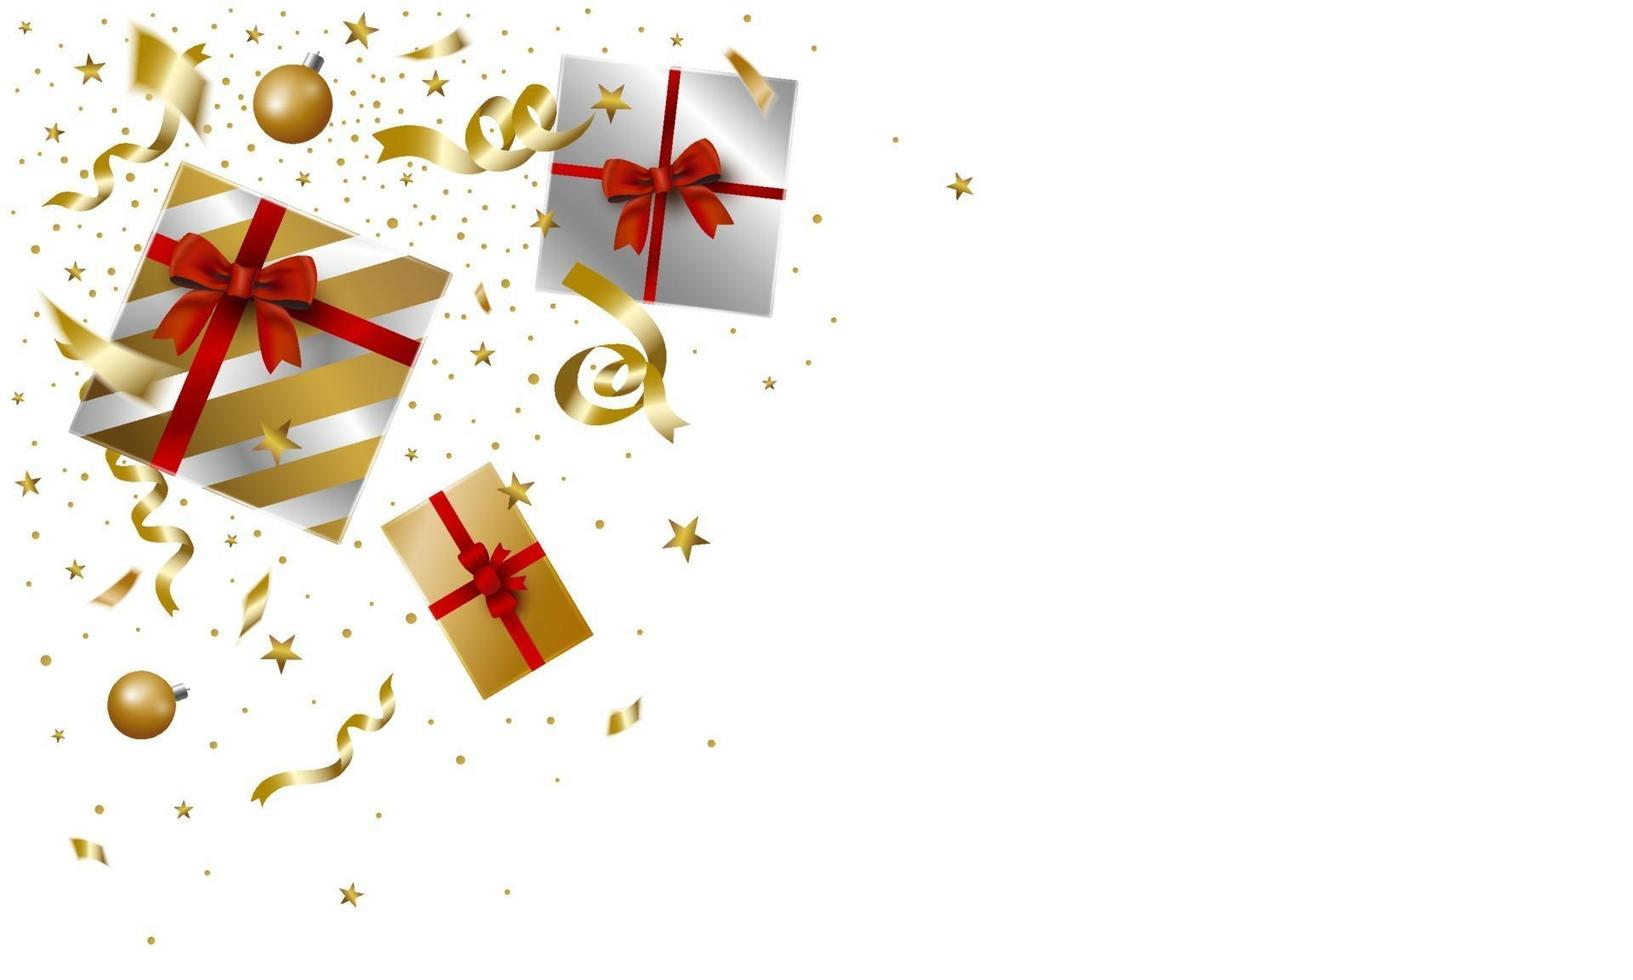 desenho de caixa de presente de natal e ano novo caindo no fundo branco com ilustração vetorial de cópia vetor